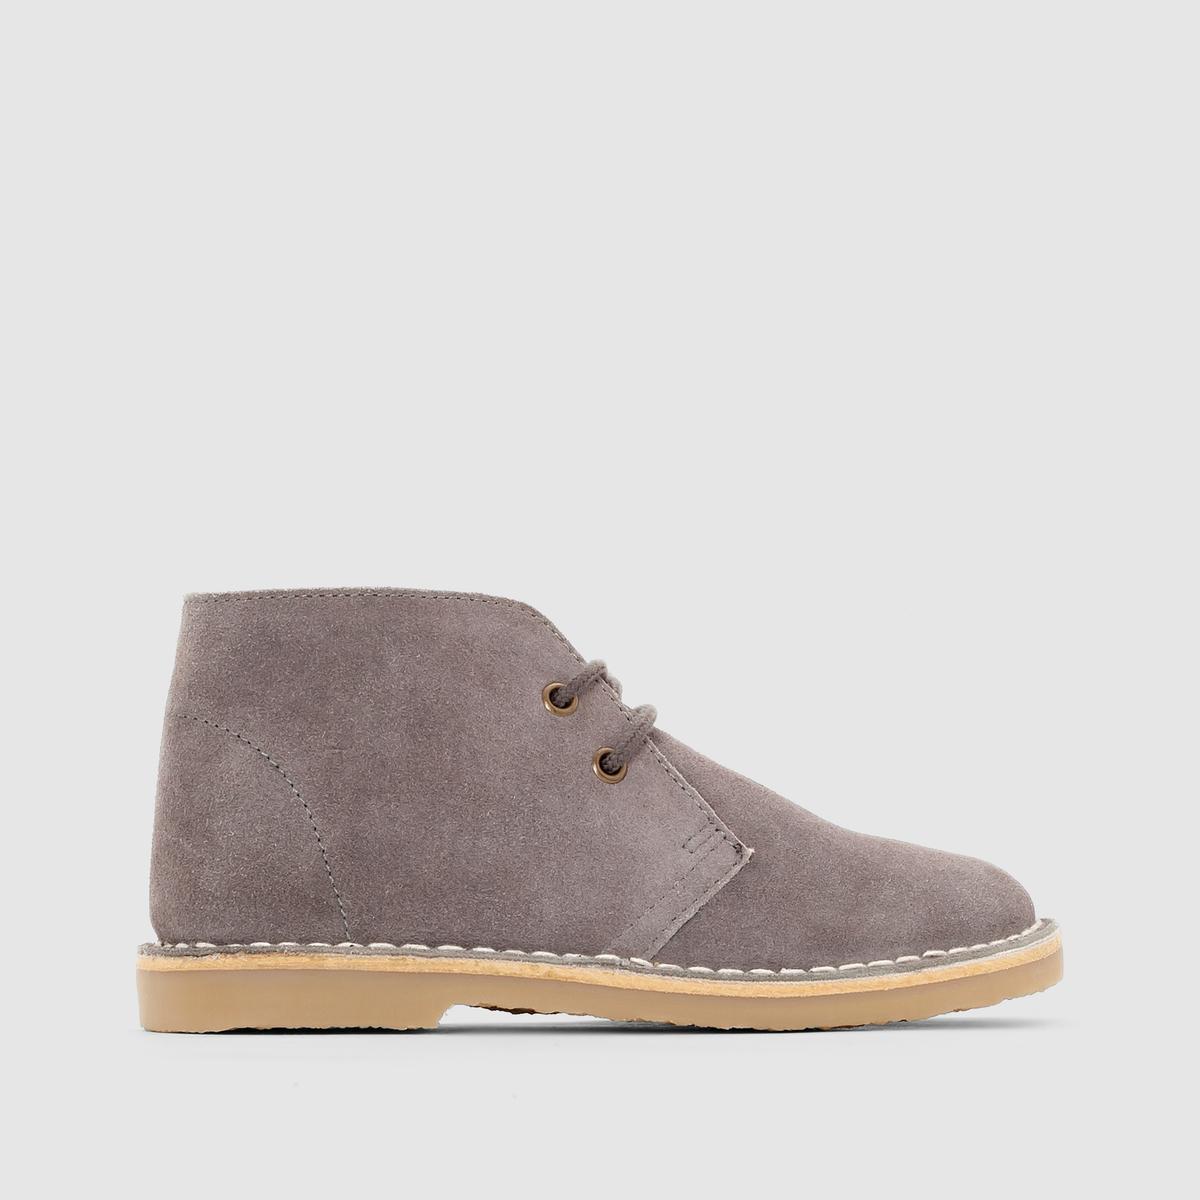 Ботинки кожаные на шнуровкеВерх : невыделанная кожа (яловичная)    Подкладка : текстиль   Стелька : кожа   Подошва : эластомер   Застежка : шнуровка<br><br>Цвет: серый<br>Размер: 39.32.36